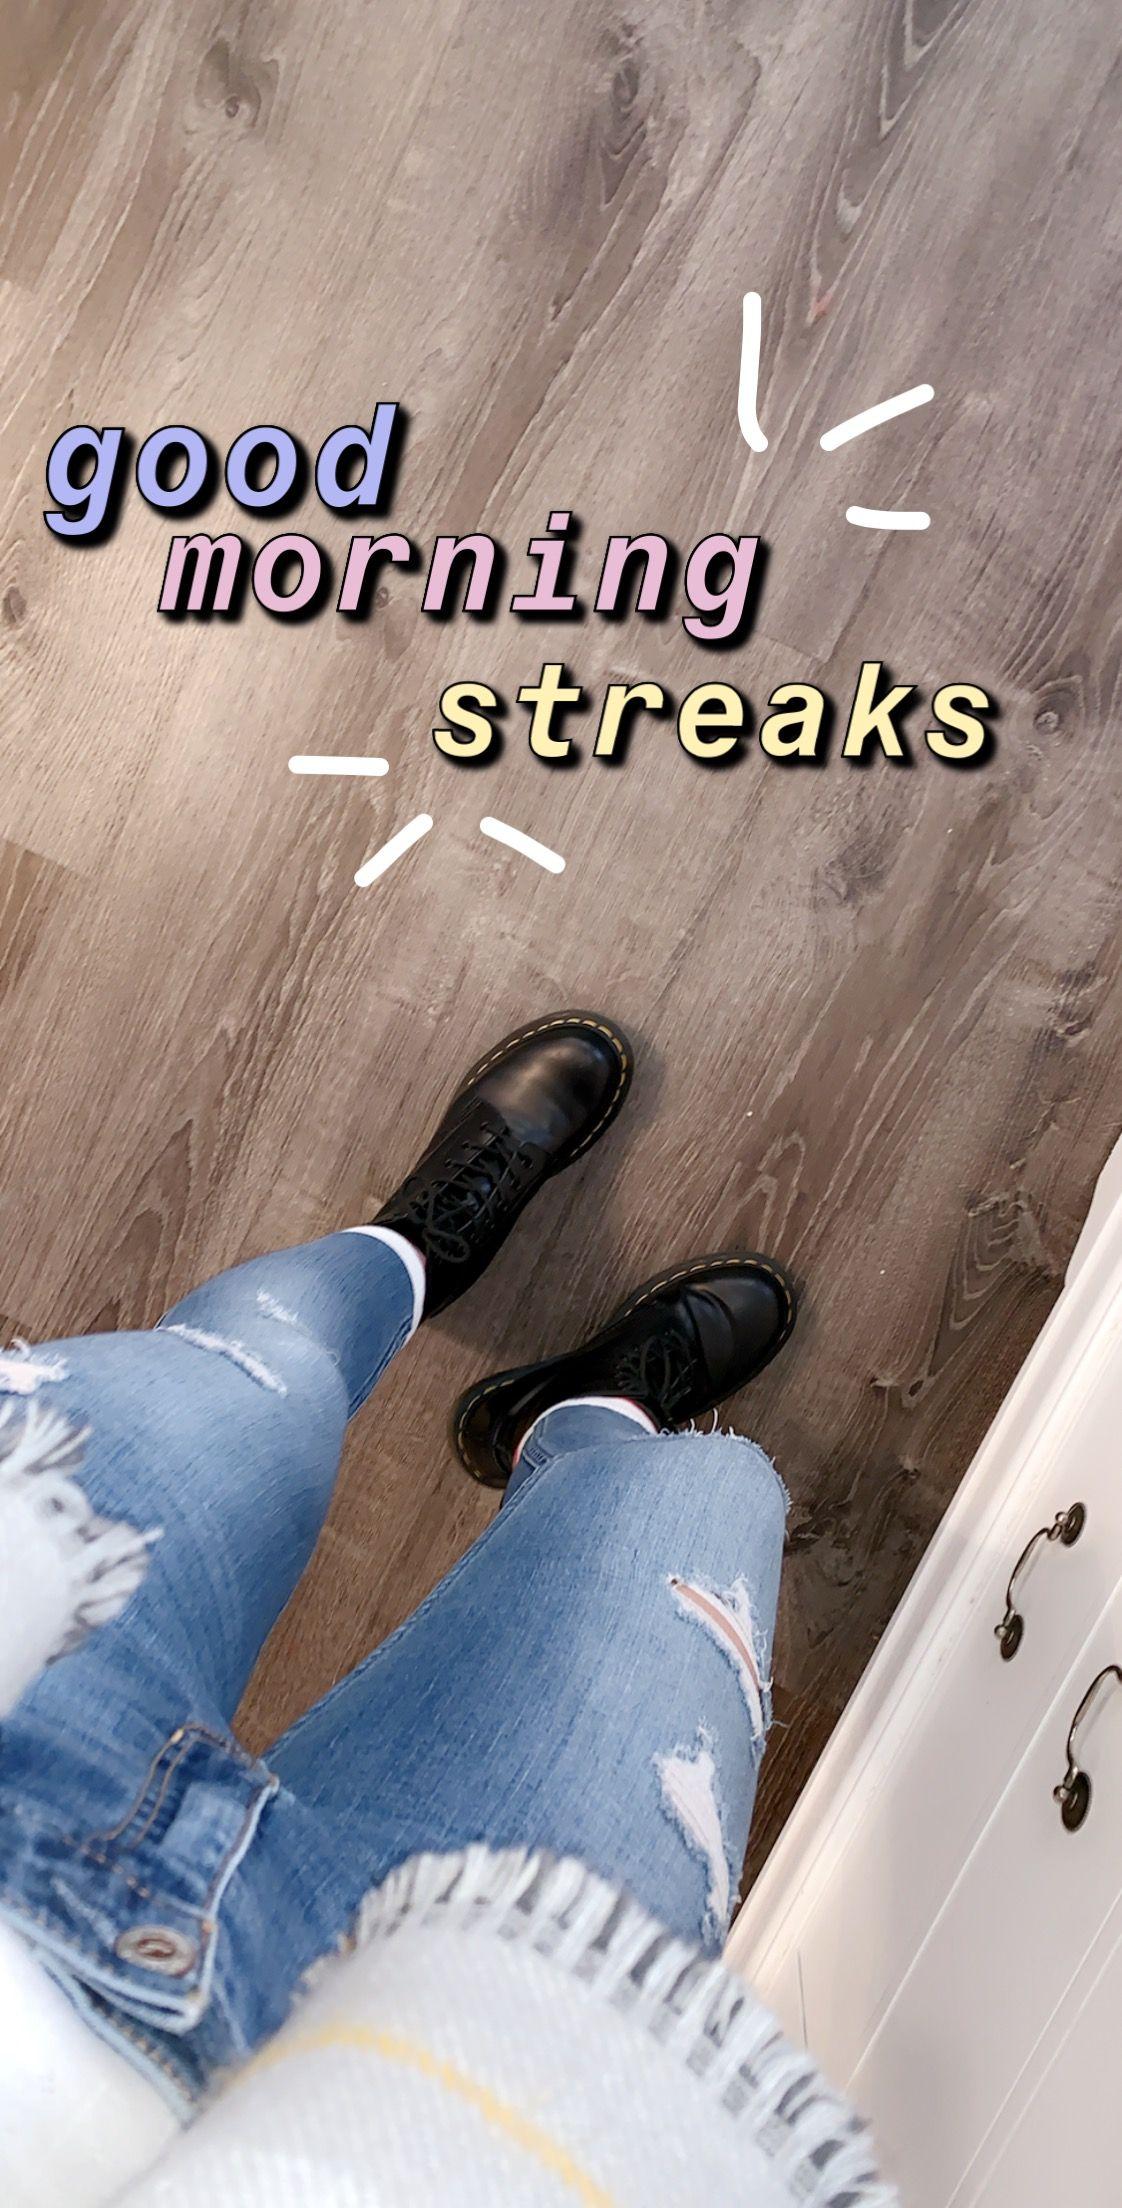 Best Funny Snapchat  #streaks #morning #goodmorning #snapchat 5